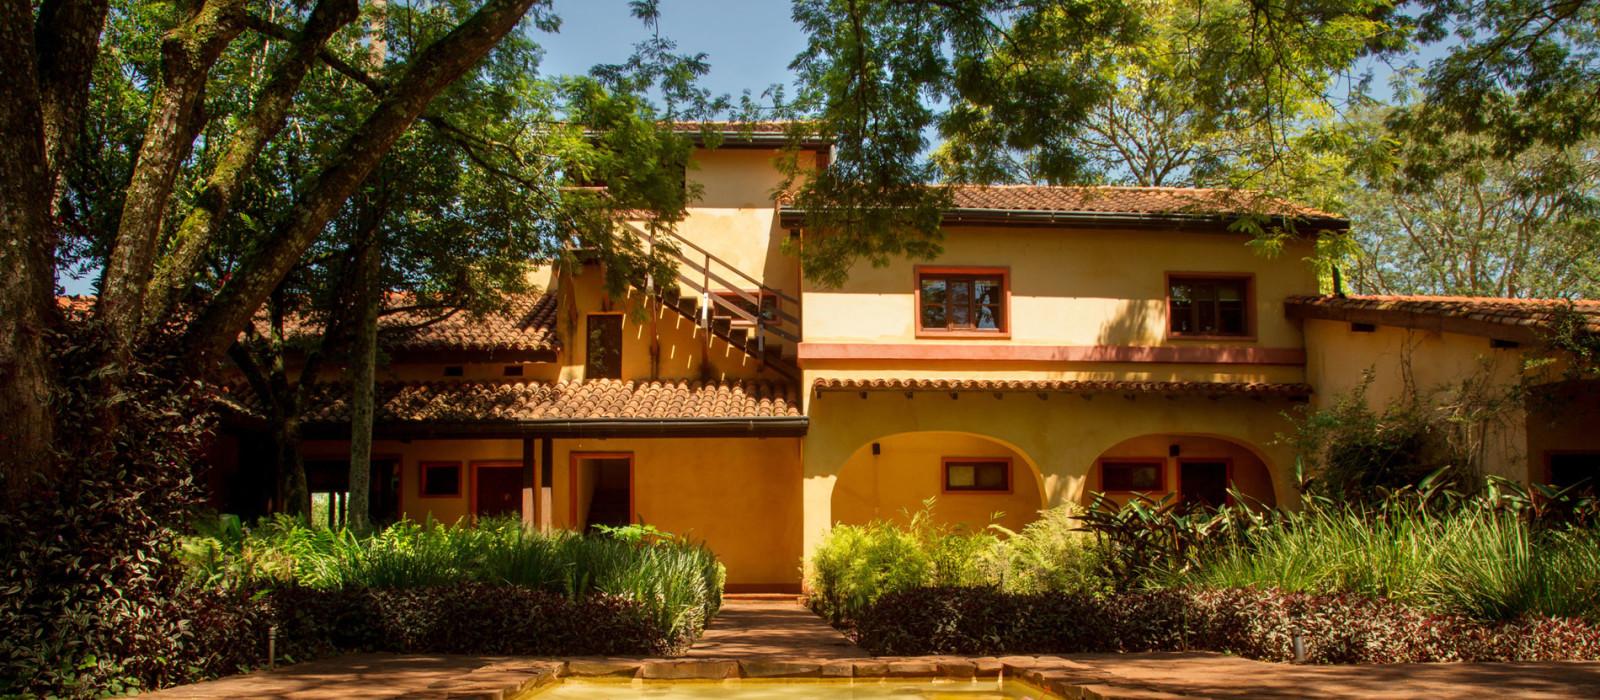 Hotel Posada Puerto Bemberg Argentinien